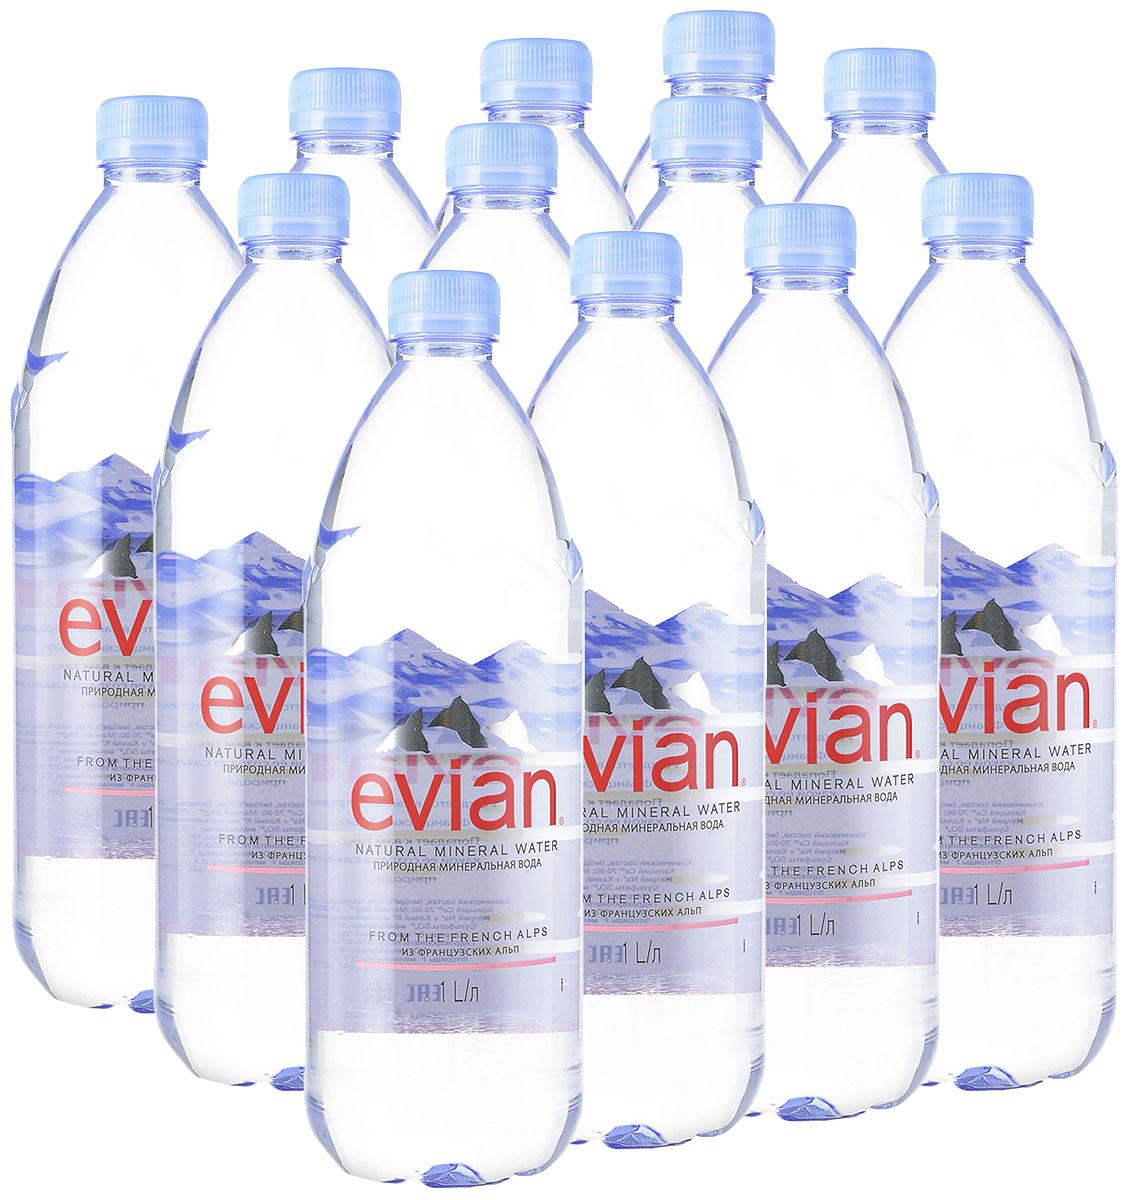 Evian вода минеральная природная столовая негазированная, 12 штук по 1 л340023602_блокиEvian - природная минеральная вода. Уникальный минеральный состав природной воды Evian способствует поддержанию водного баланса в организме. Формат 1 л прекрасно подойдет для дома и работы. О бренде: Источник Evian находится на бережно охраняемой территории, в самом сердце французских Альп. В процессе естественной фильтрации горными породами в течение 15 лет природная минеральная вода Evian приобретает уникальный сбалансированный минеральный состав и, непосредственно у источника, разливается в бутылки. Рекомендуем!